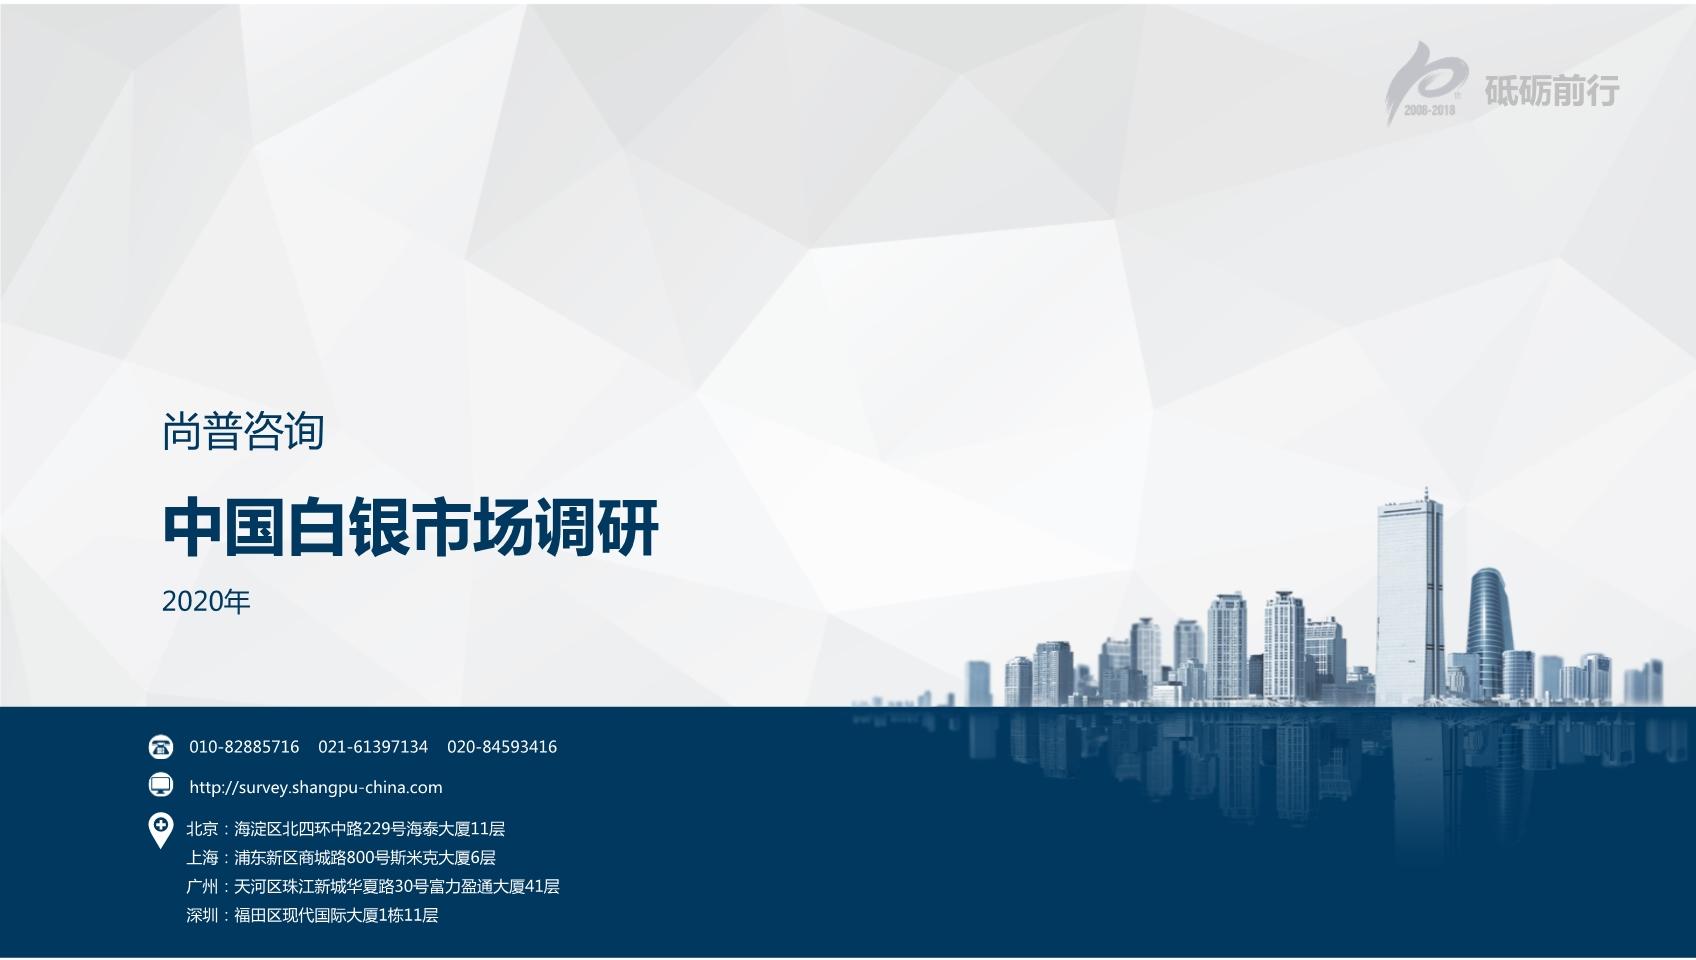 尚普咨询:2020年中国白银市场调研